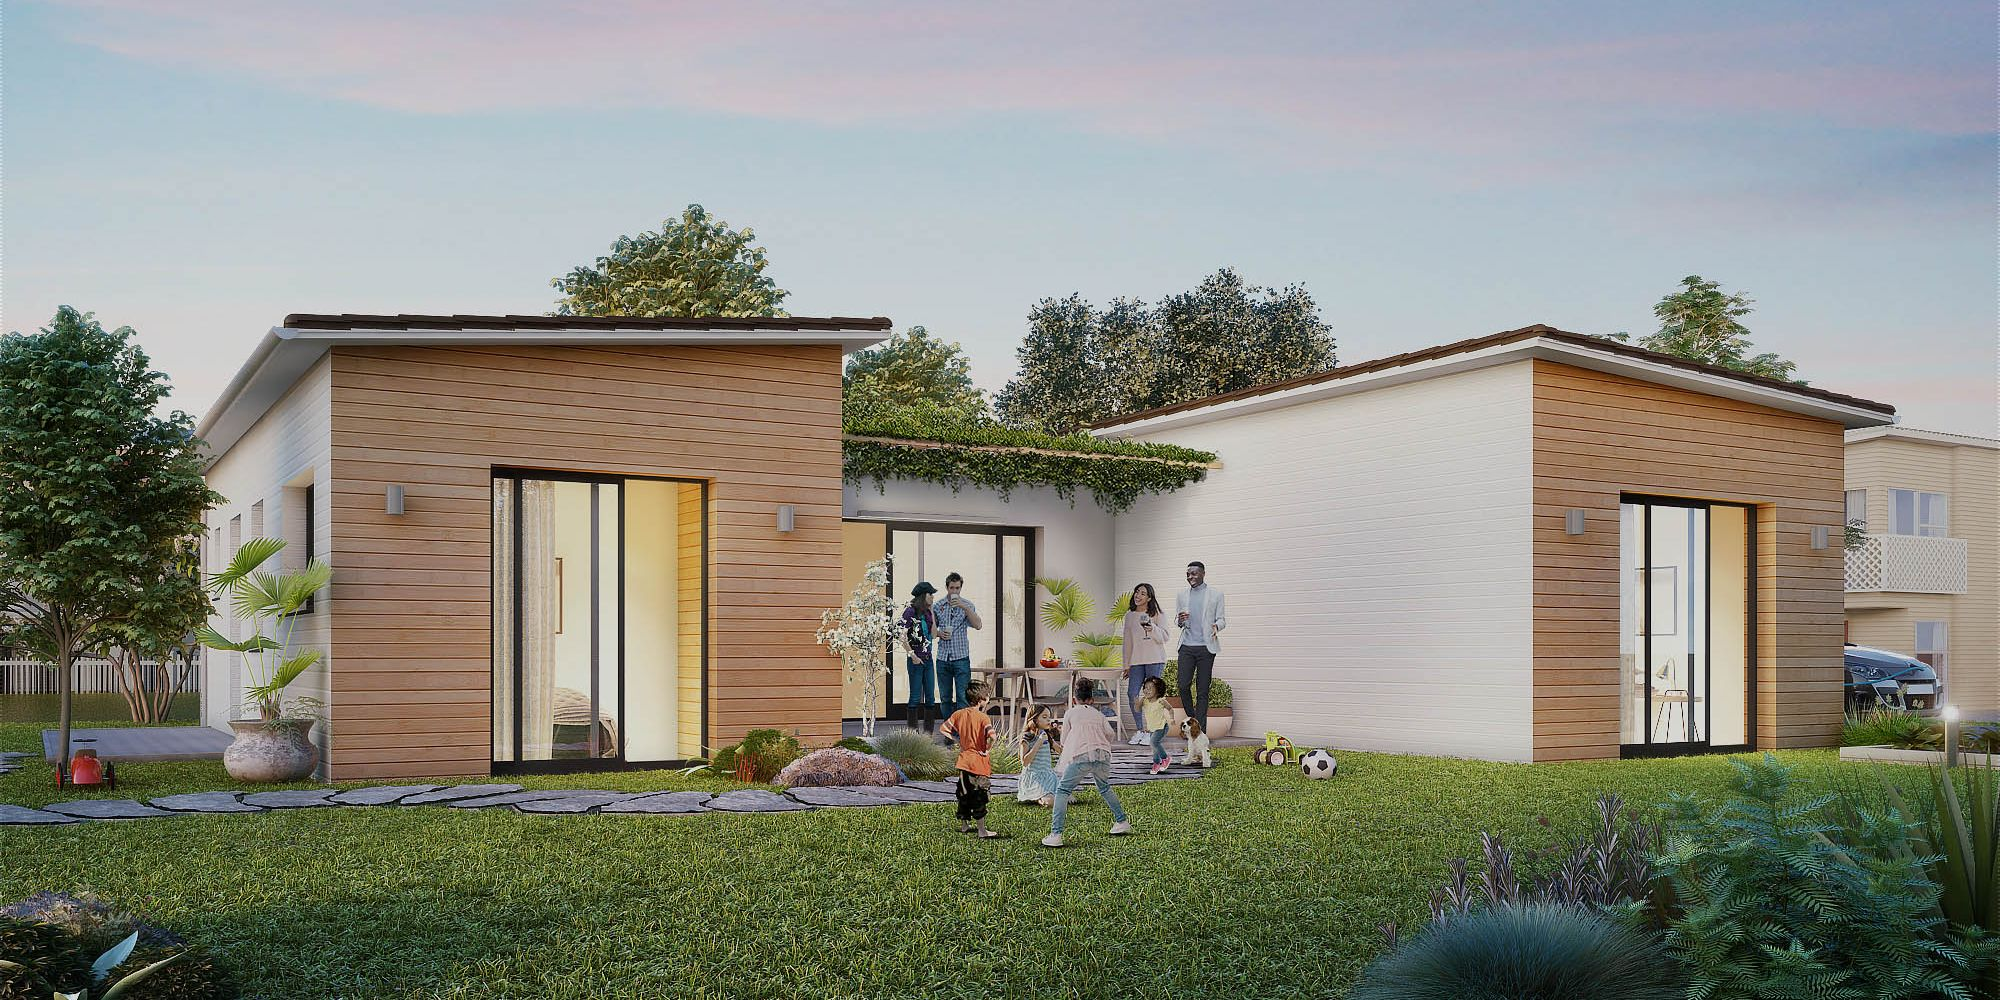 Constructeur Corse Du Sud ami bois | constructeur de maisons en bois